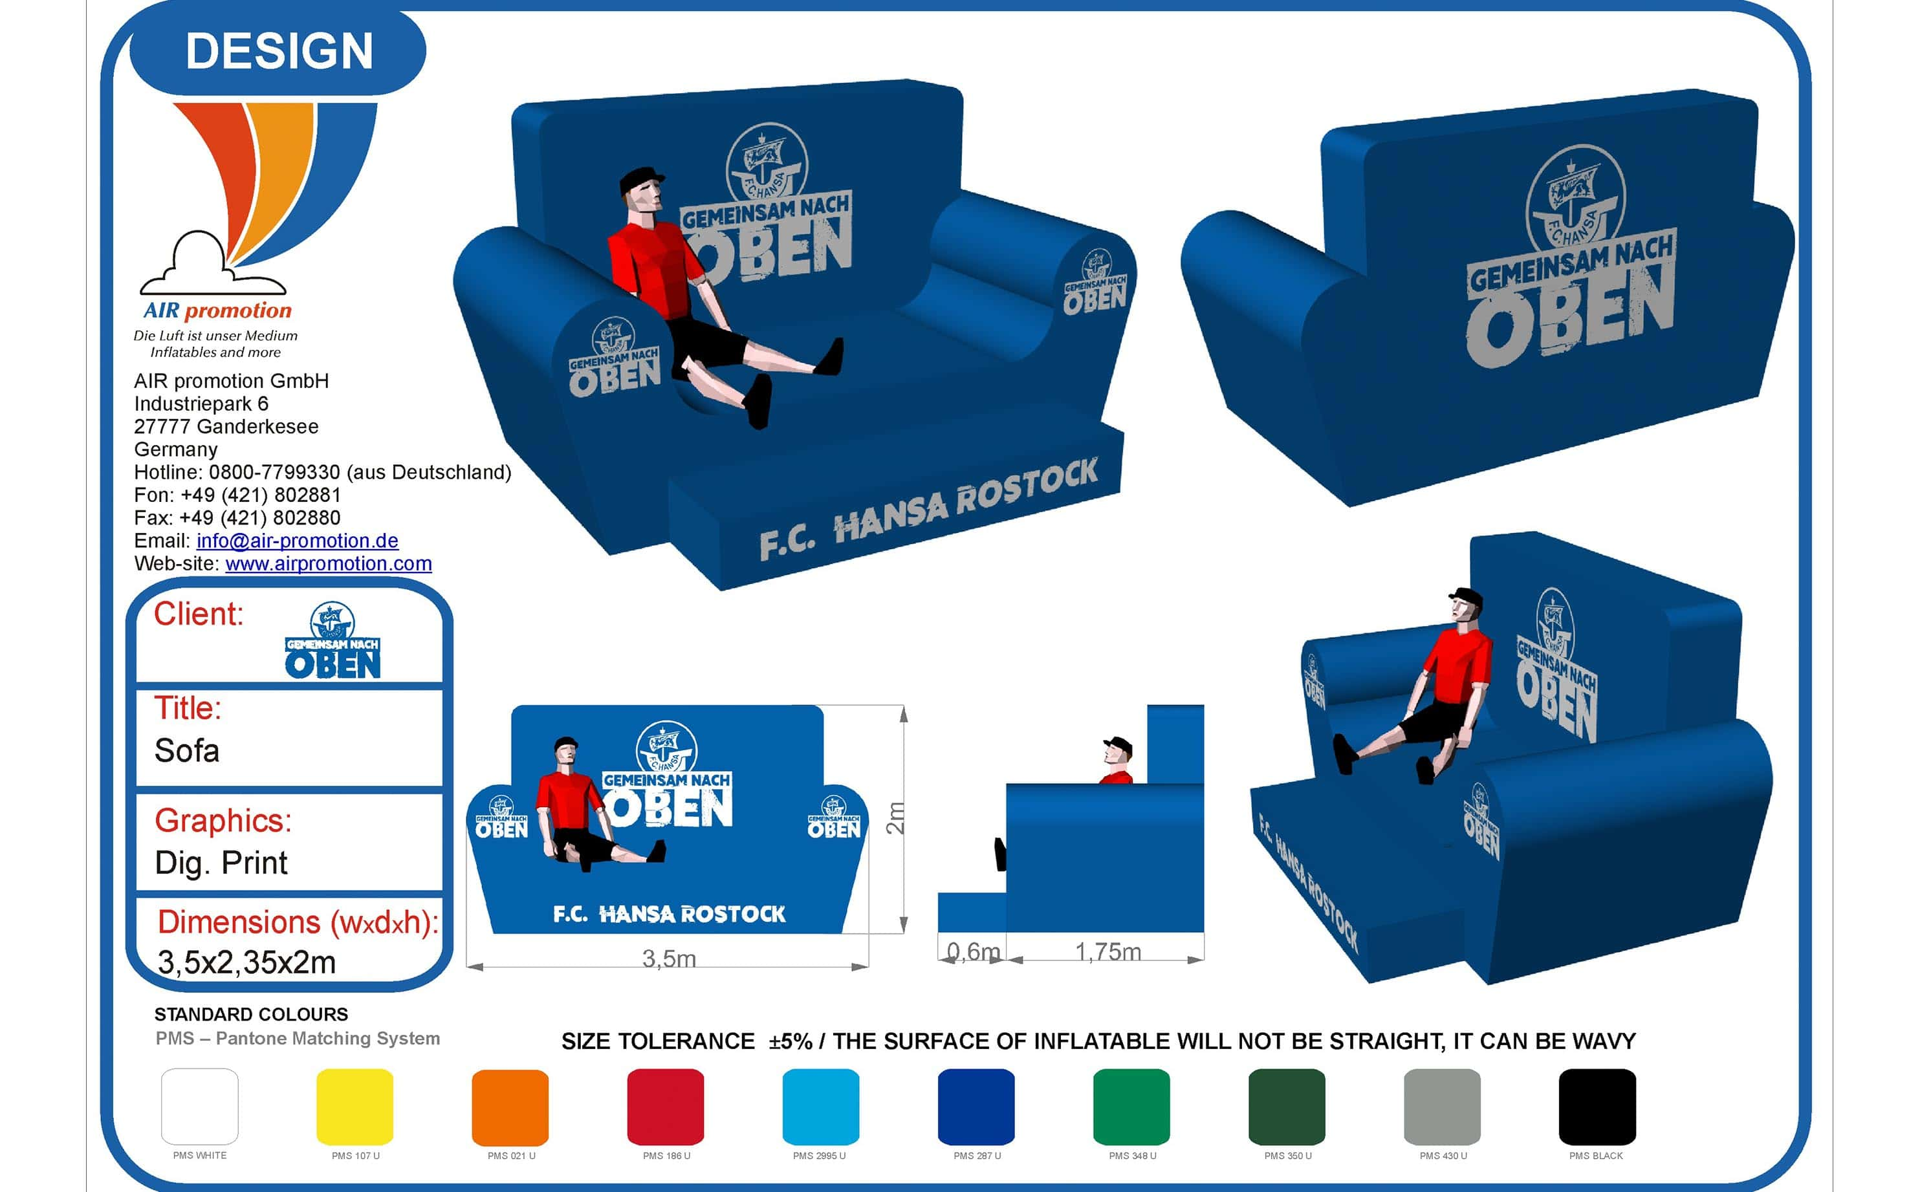 aufblasbares Riesen-Sofa